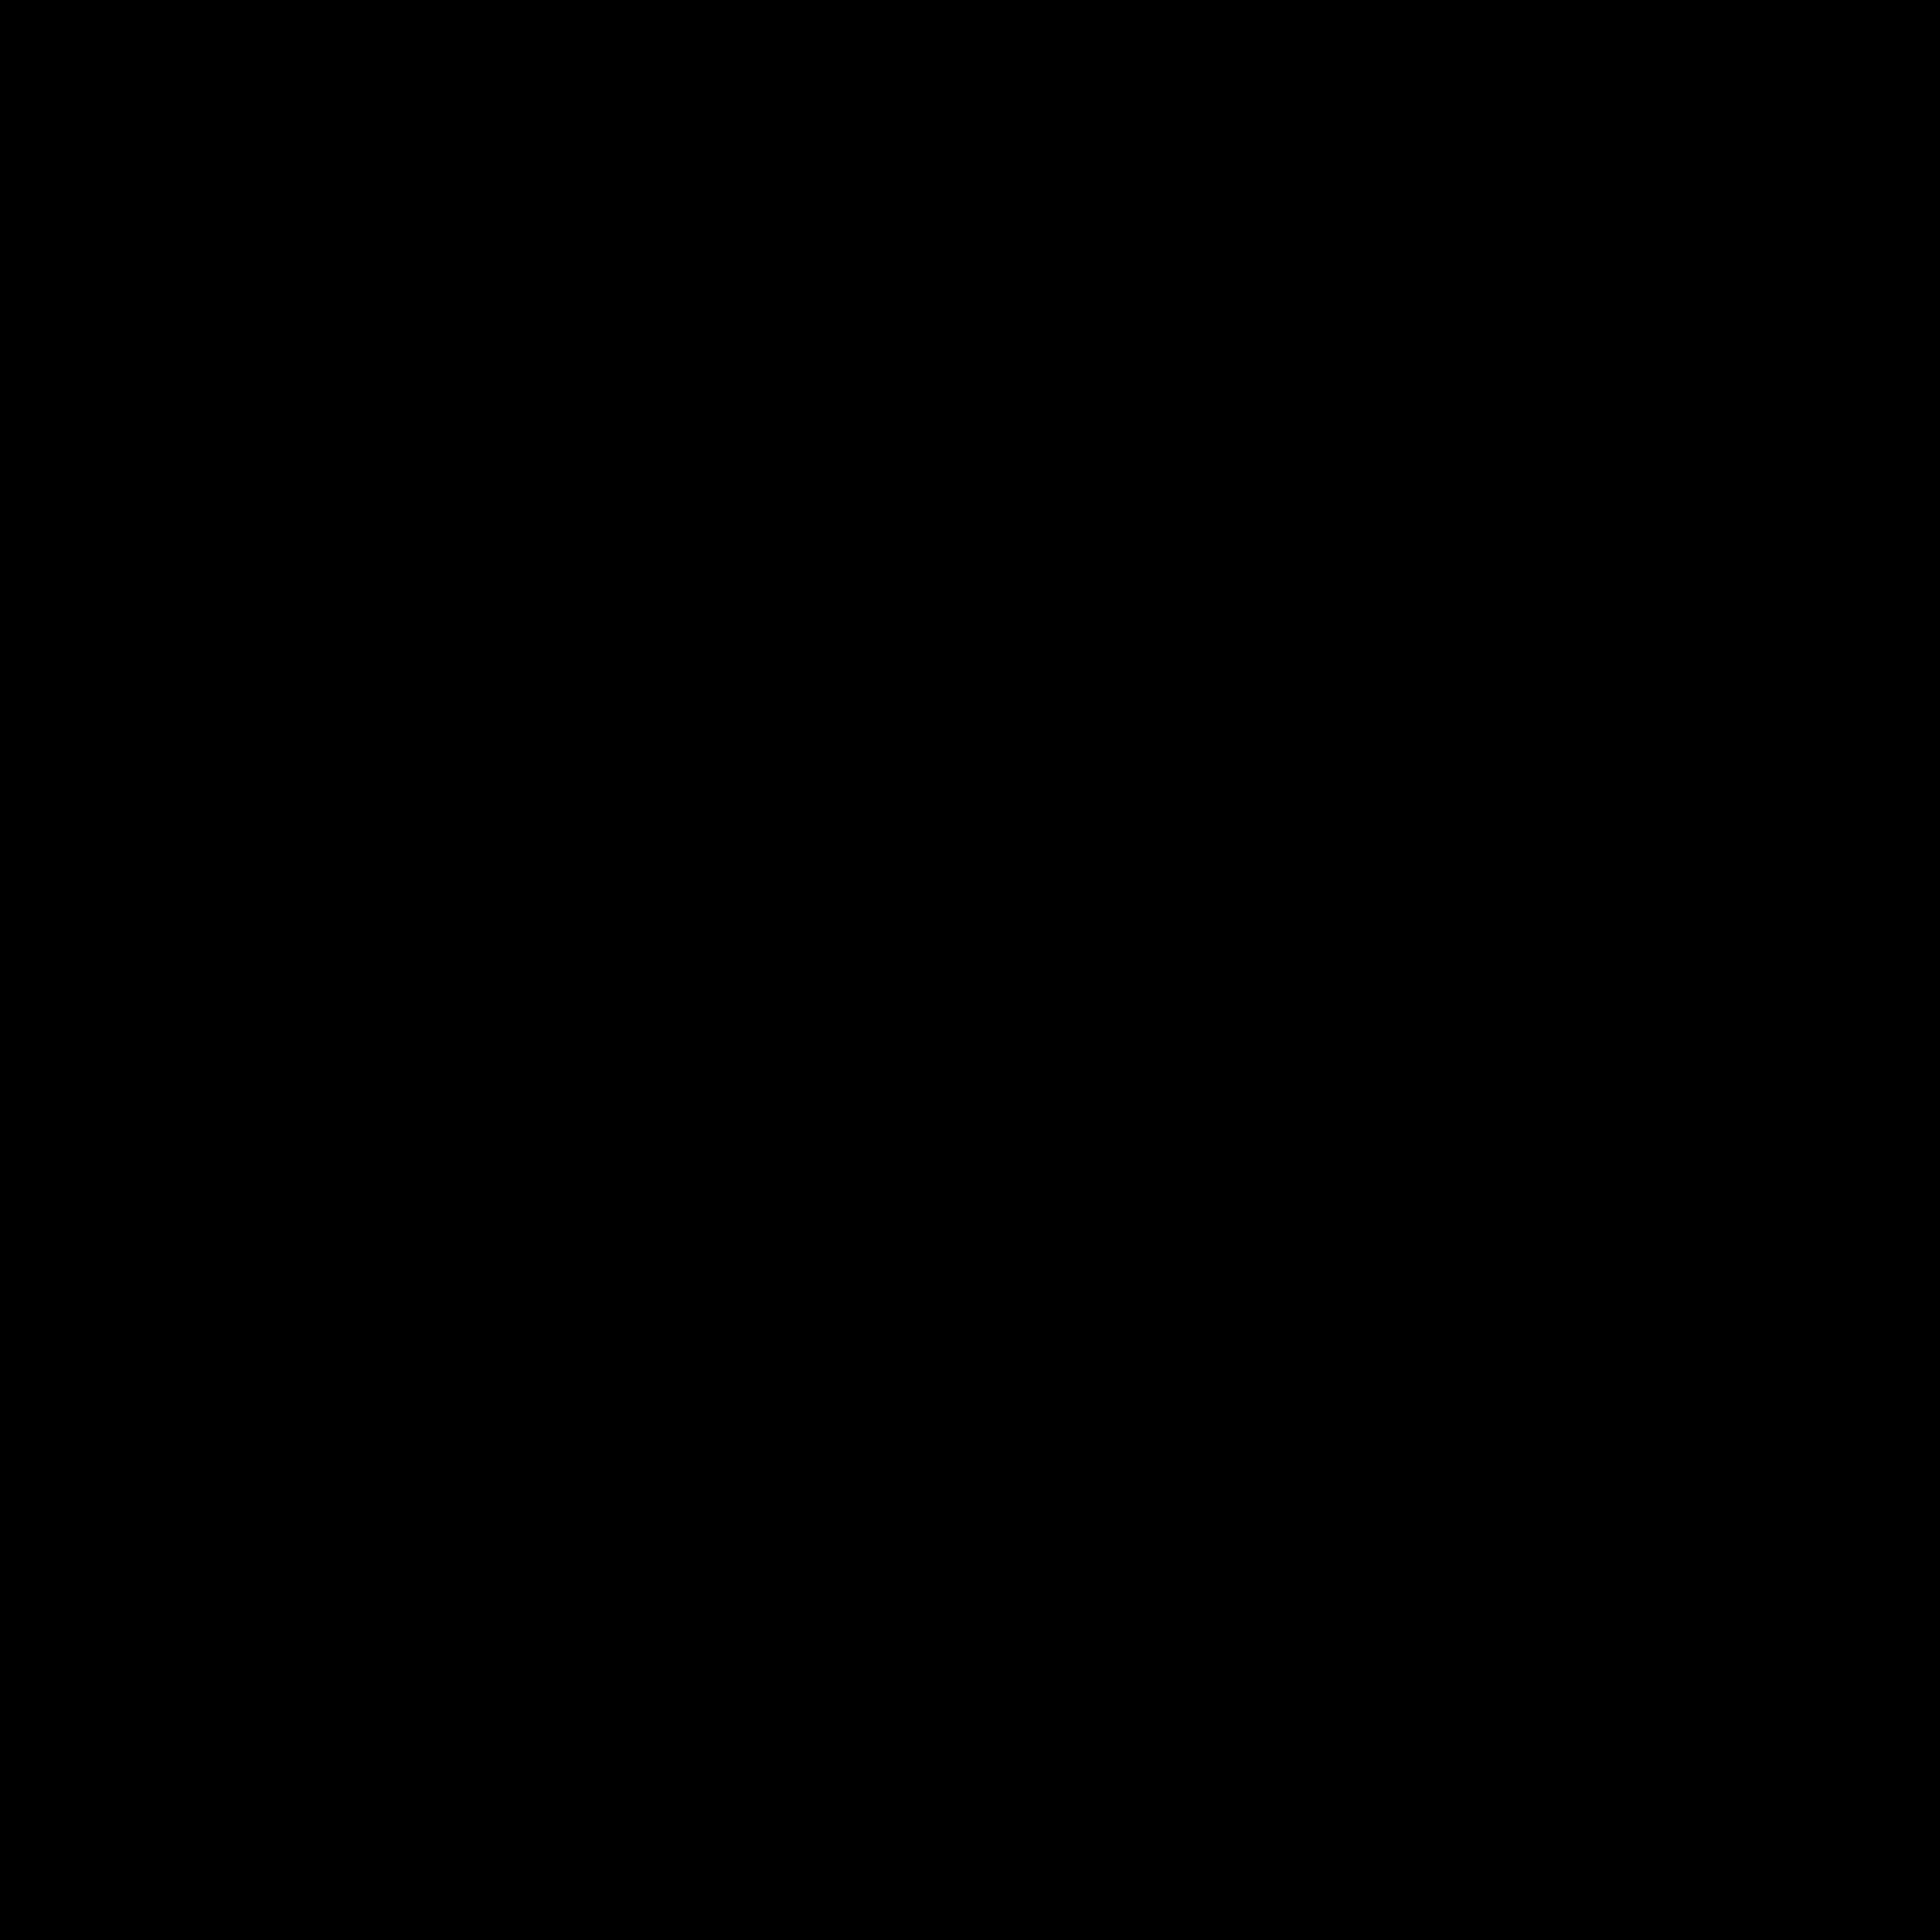 Dance of the parties.jpg